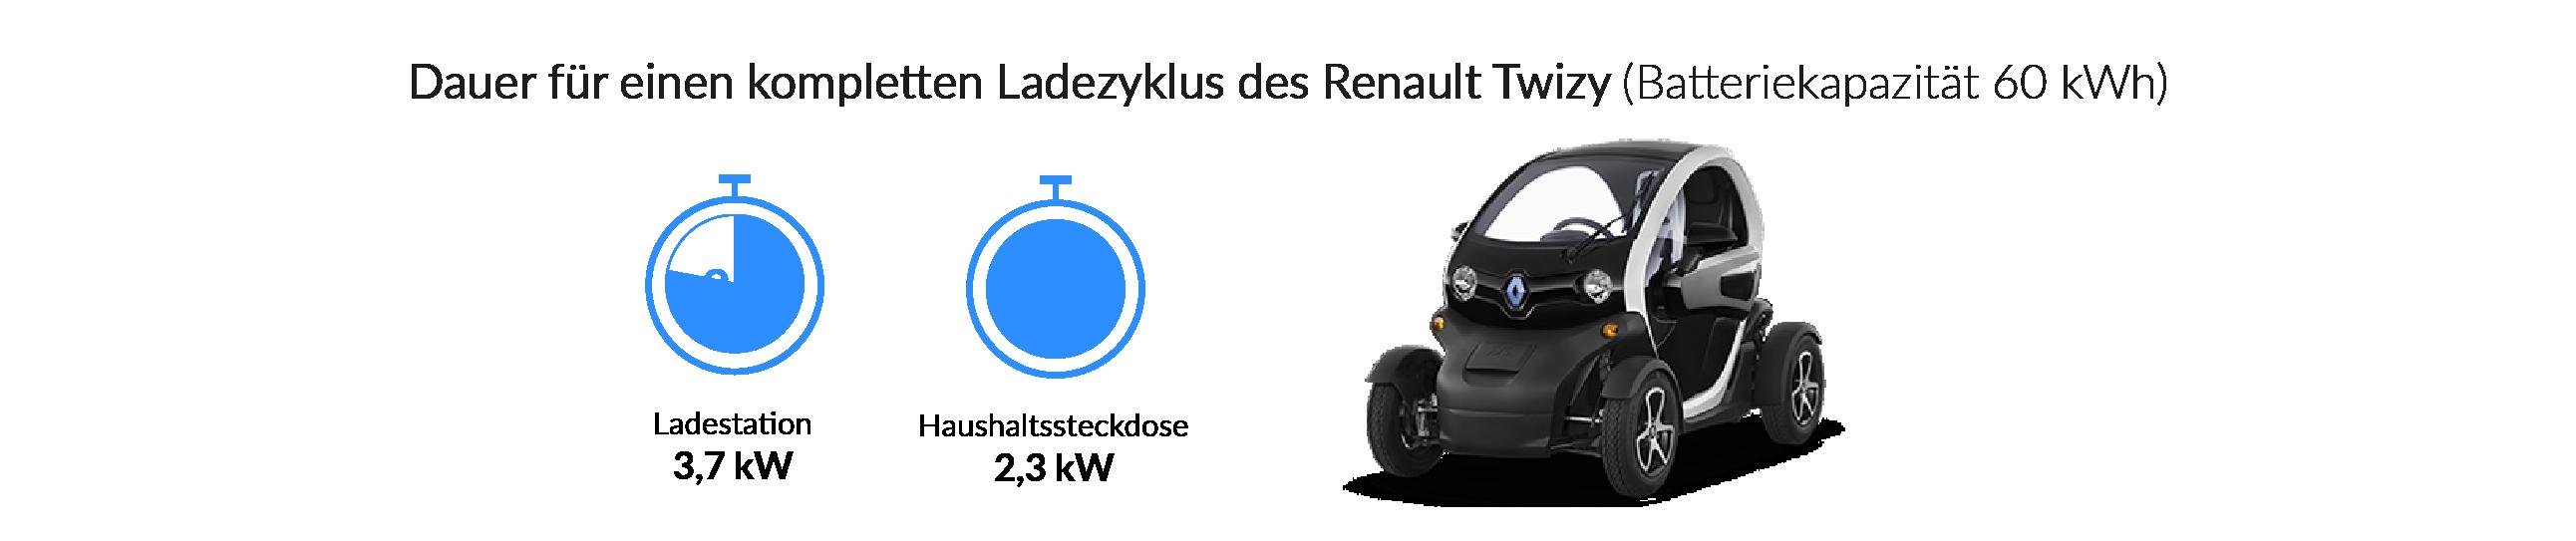 Ladezeiten des Renault Twizy